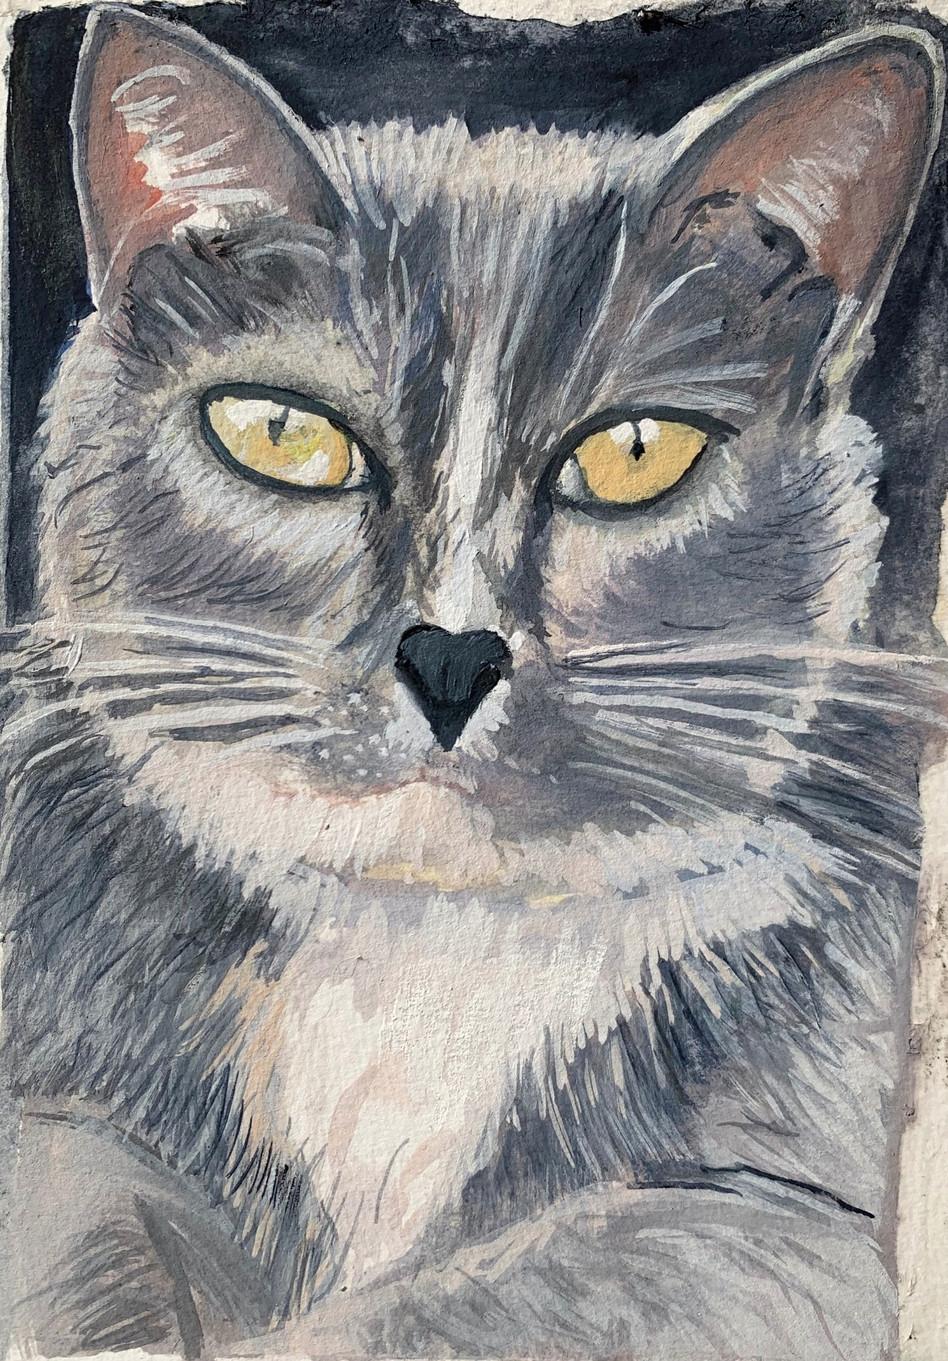 Victoria's Kitty